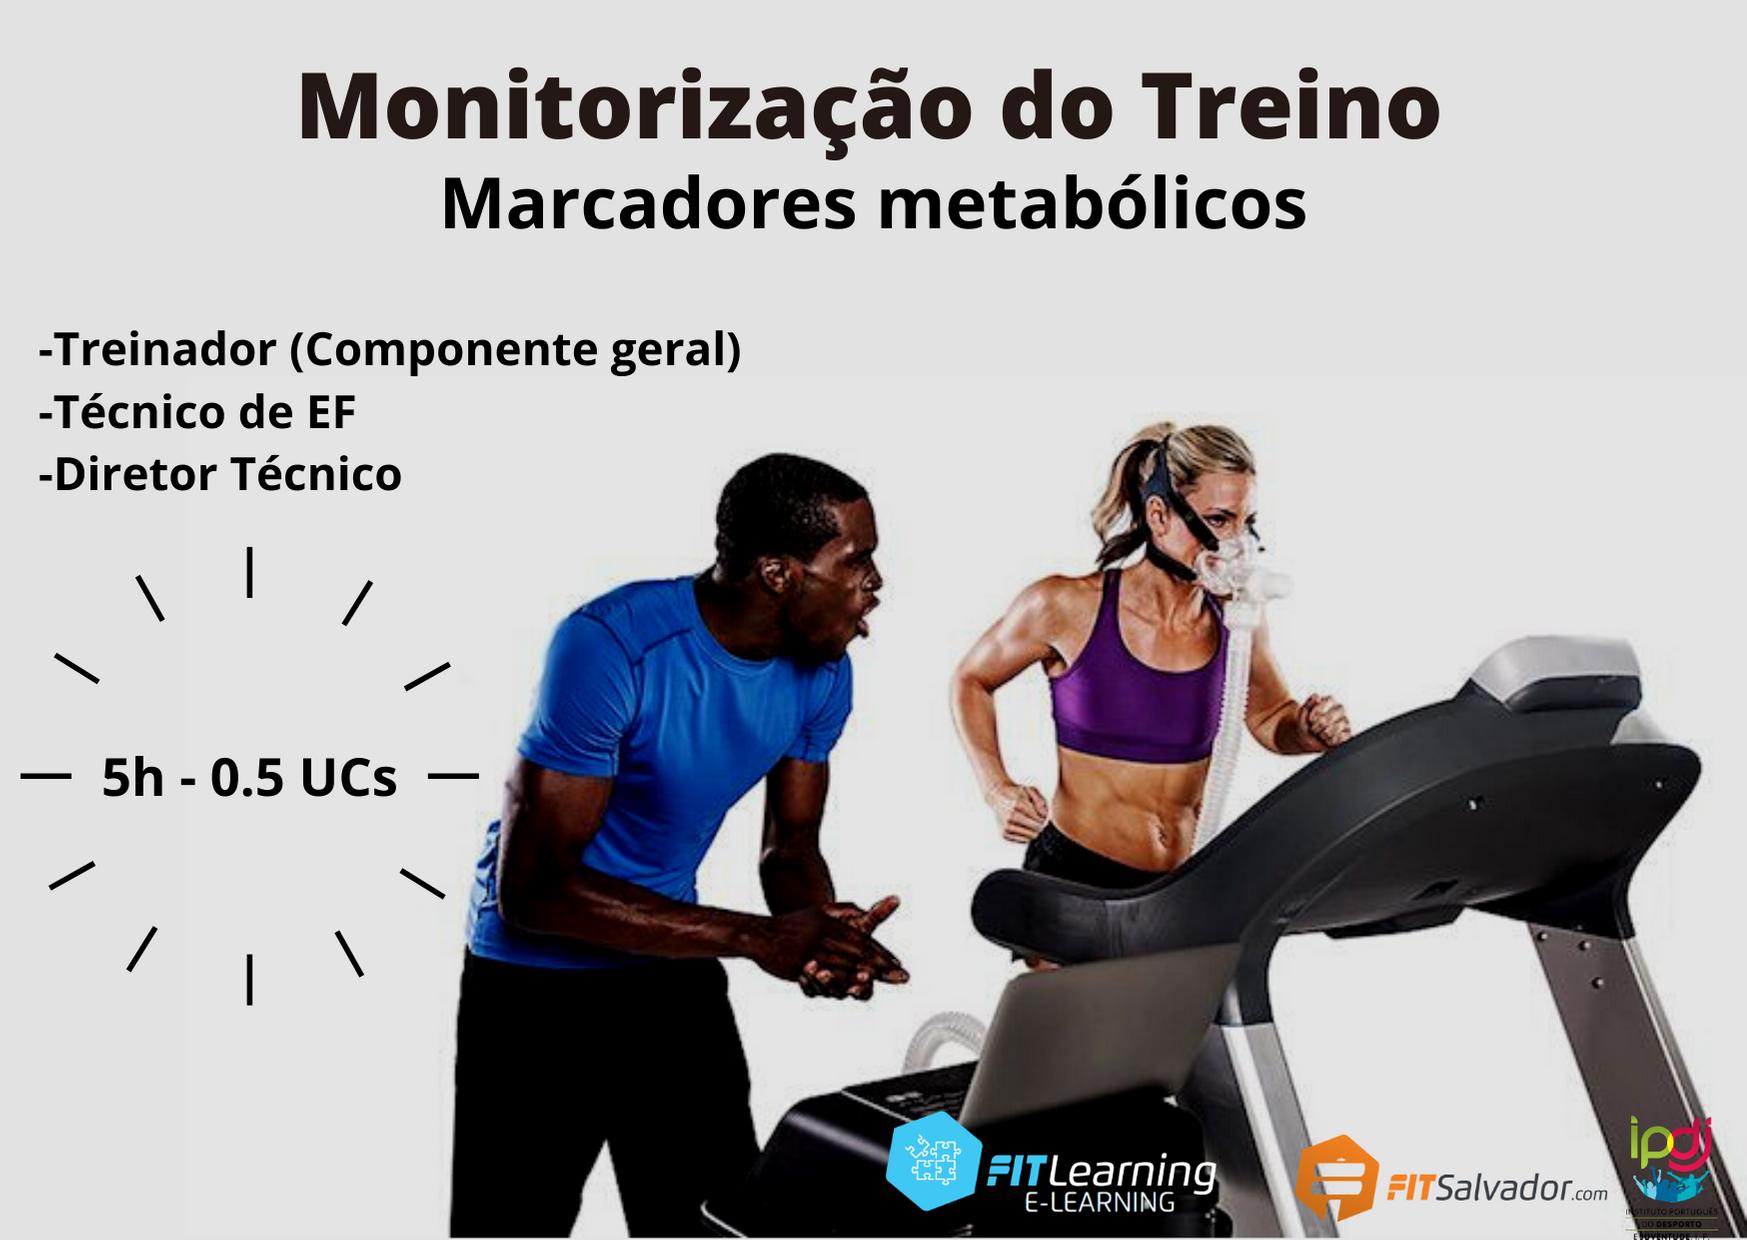 Monitorização do Treino: marcadores metabólicos